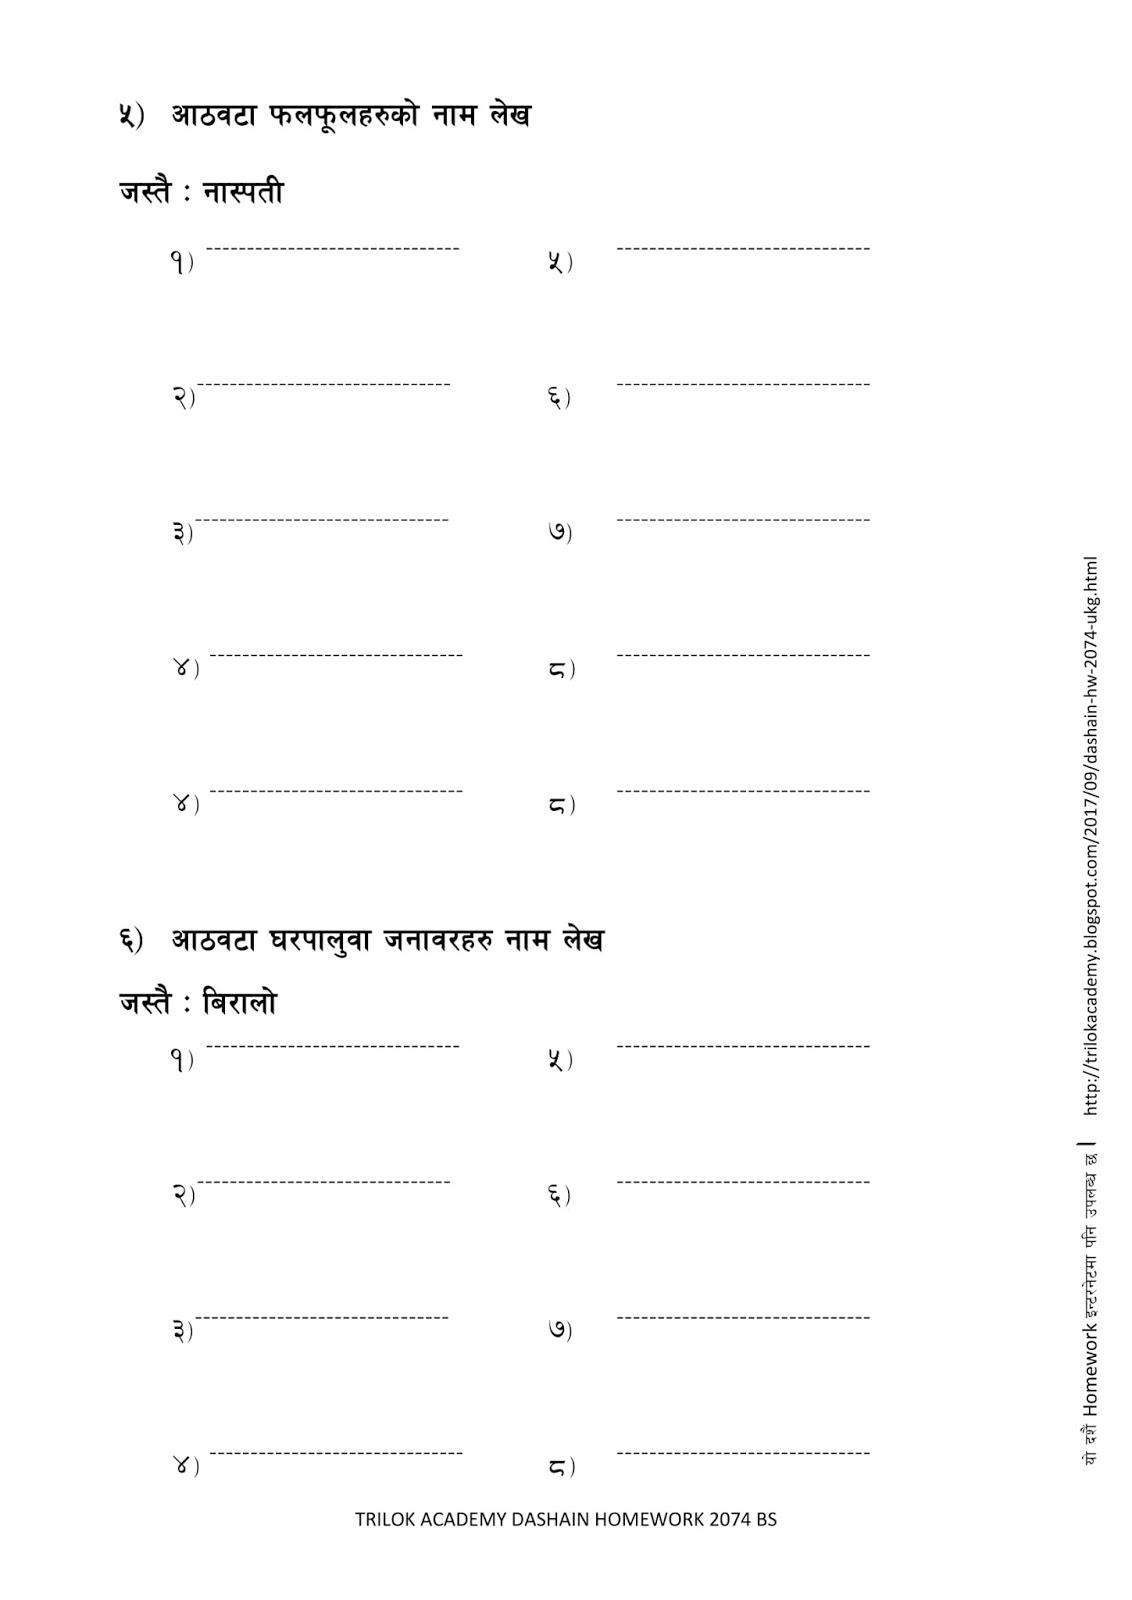 Trilok School Dashain Homework Ukg